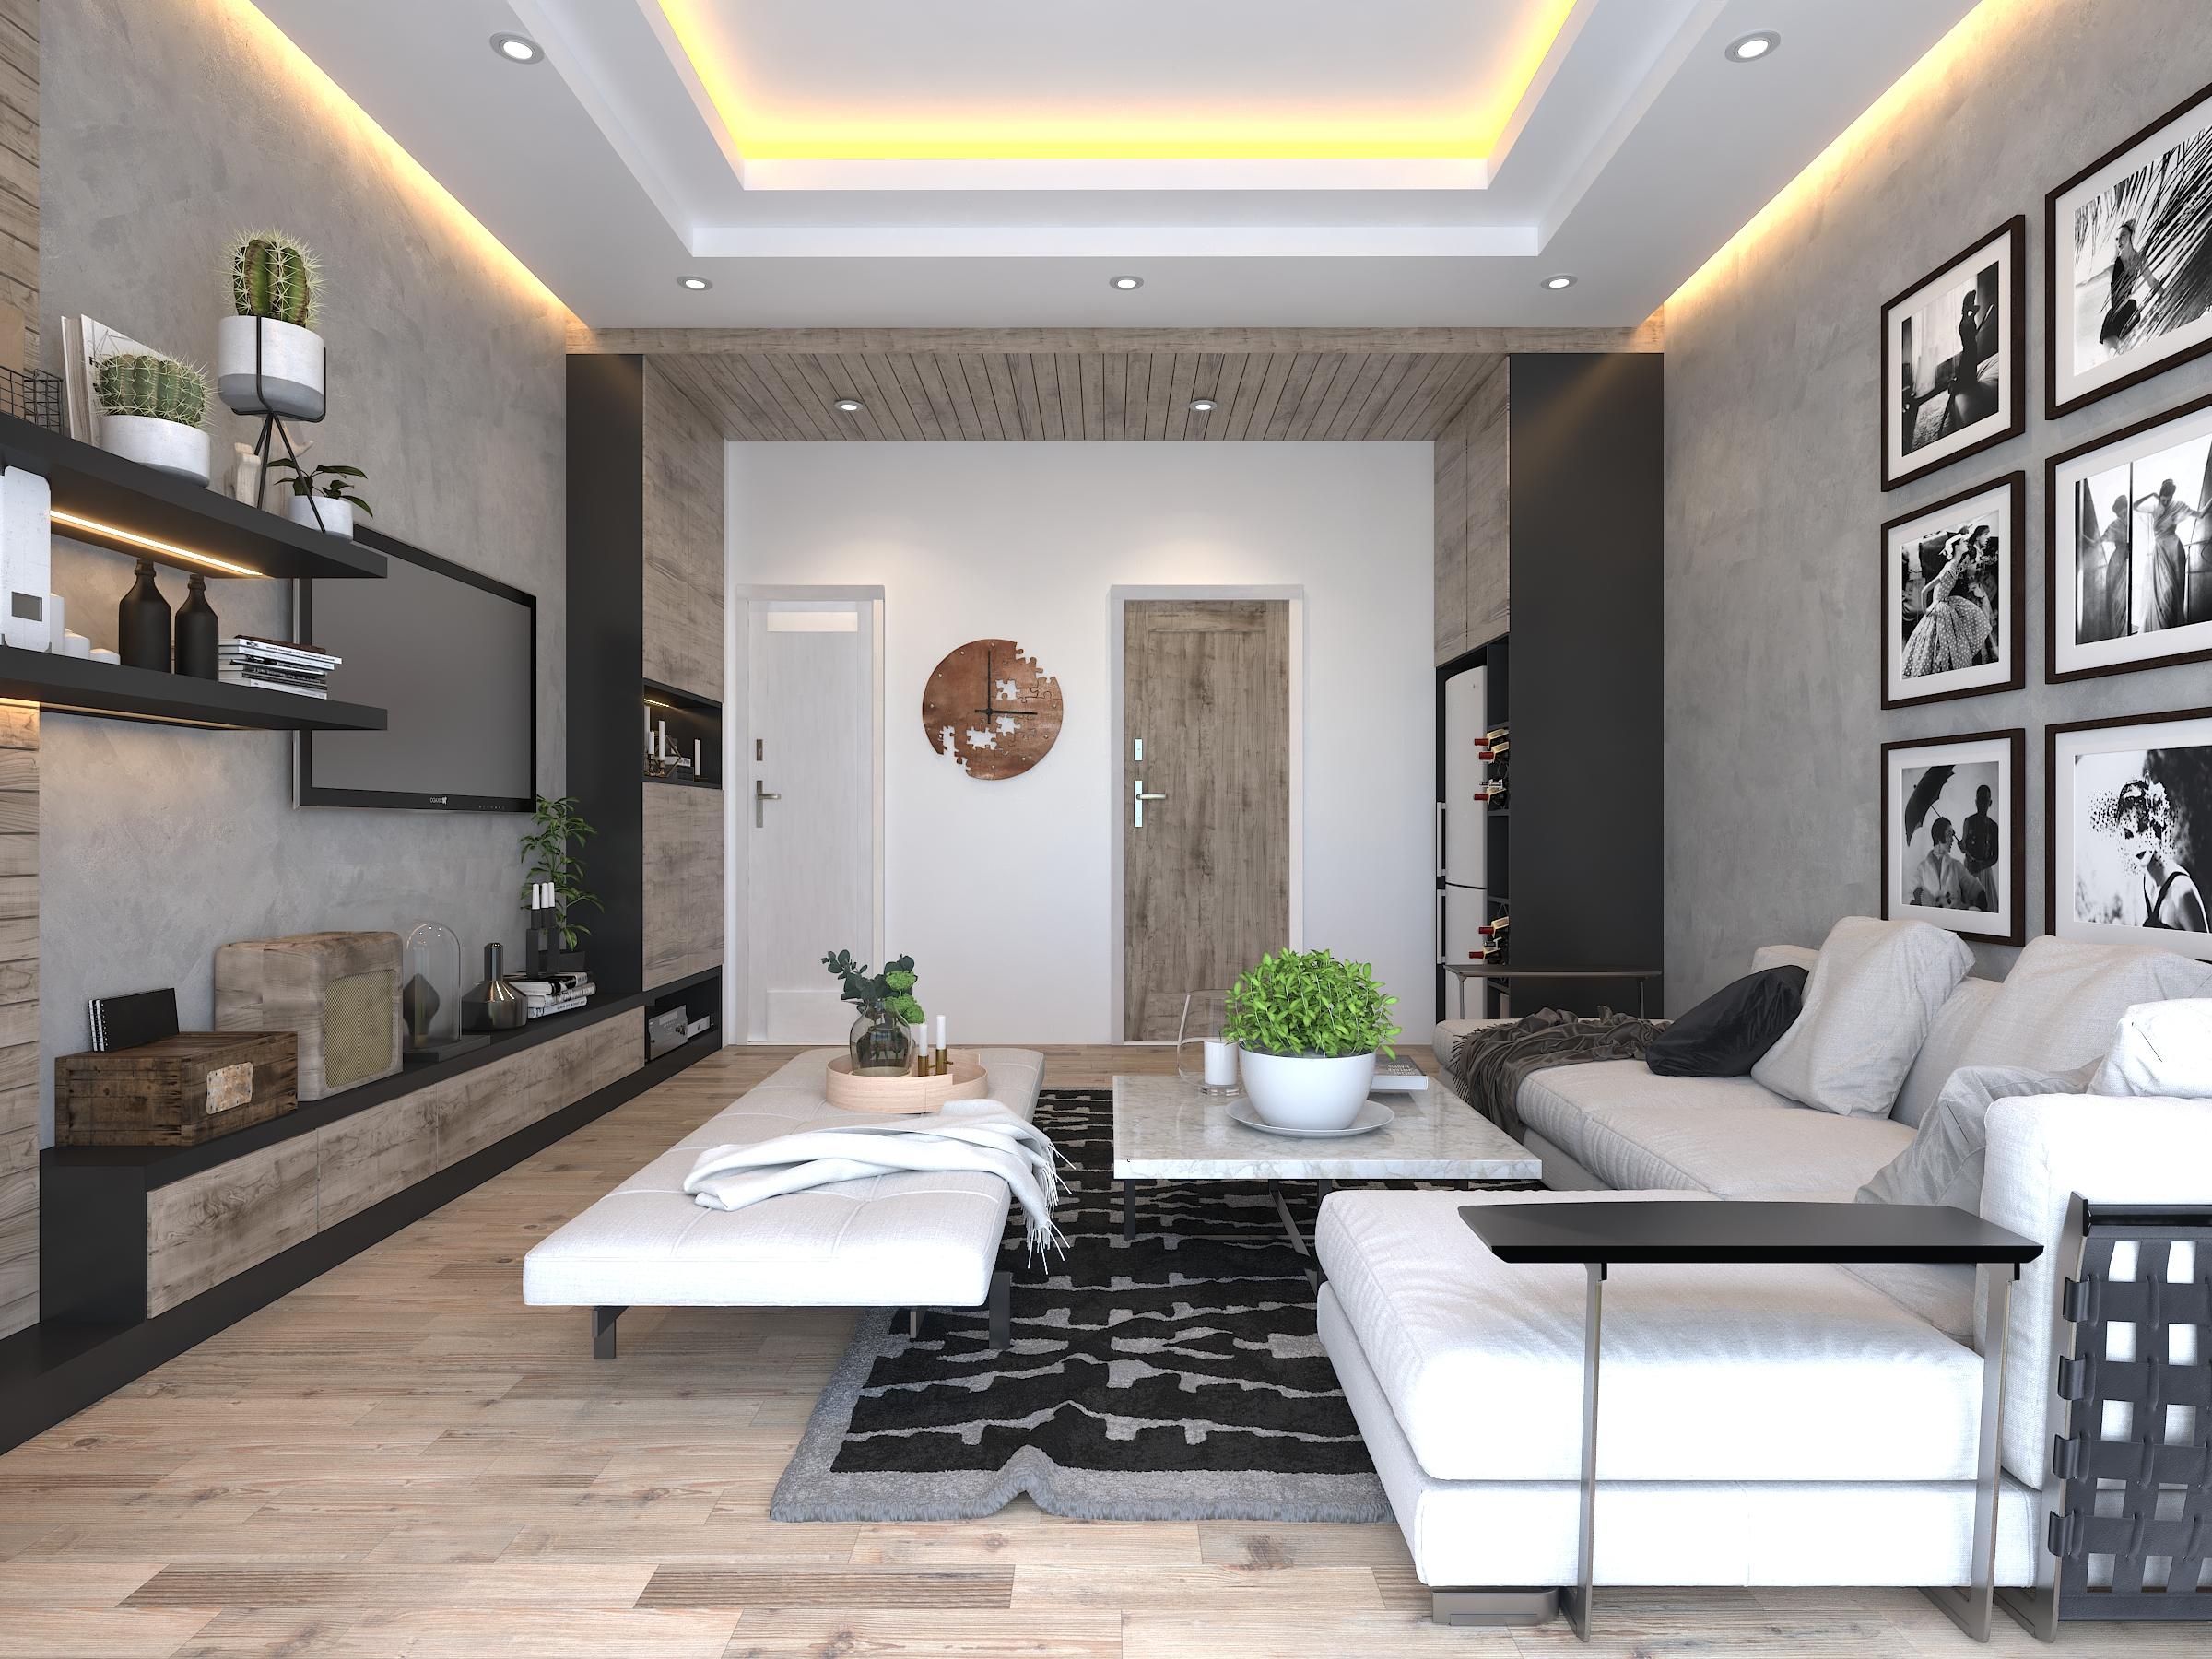 Thiết kế nội thất Nhà tại Hồ Chí Minh Ms'Thi House 1626189803 1